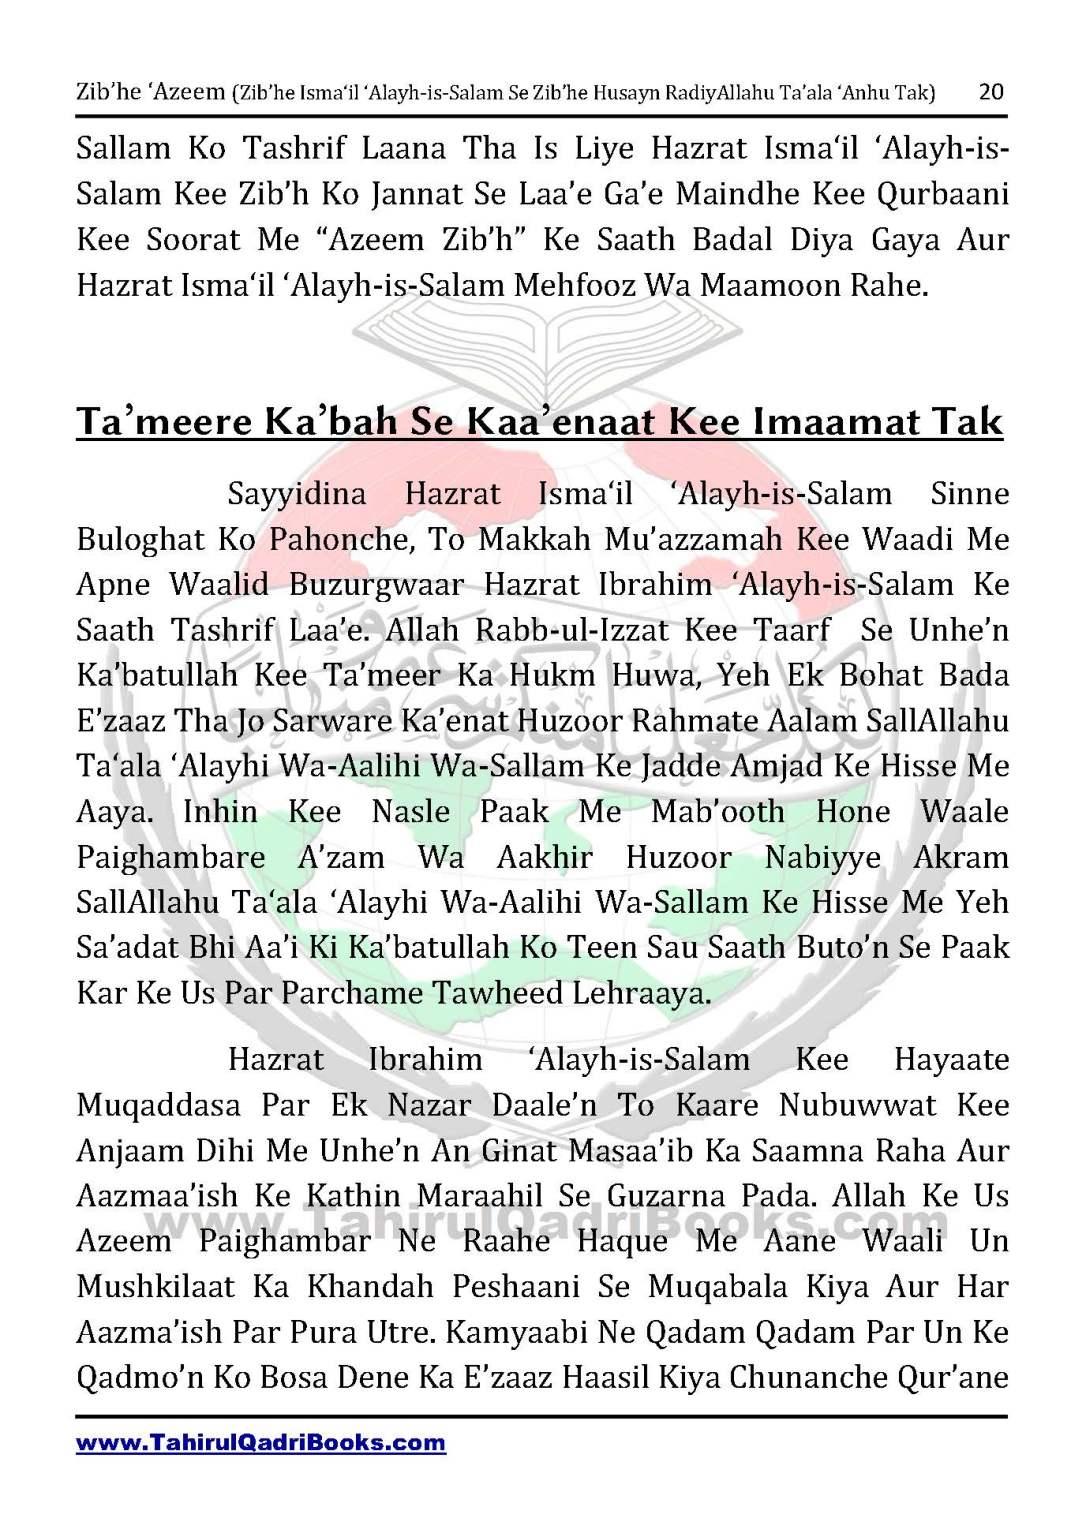 zib_he-e28098azeem-zib_he-ismacabbil-se-zib_he-husayn-tak-in-roman-urdu-unlocked_Page_020